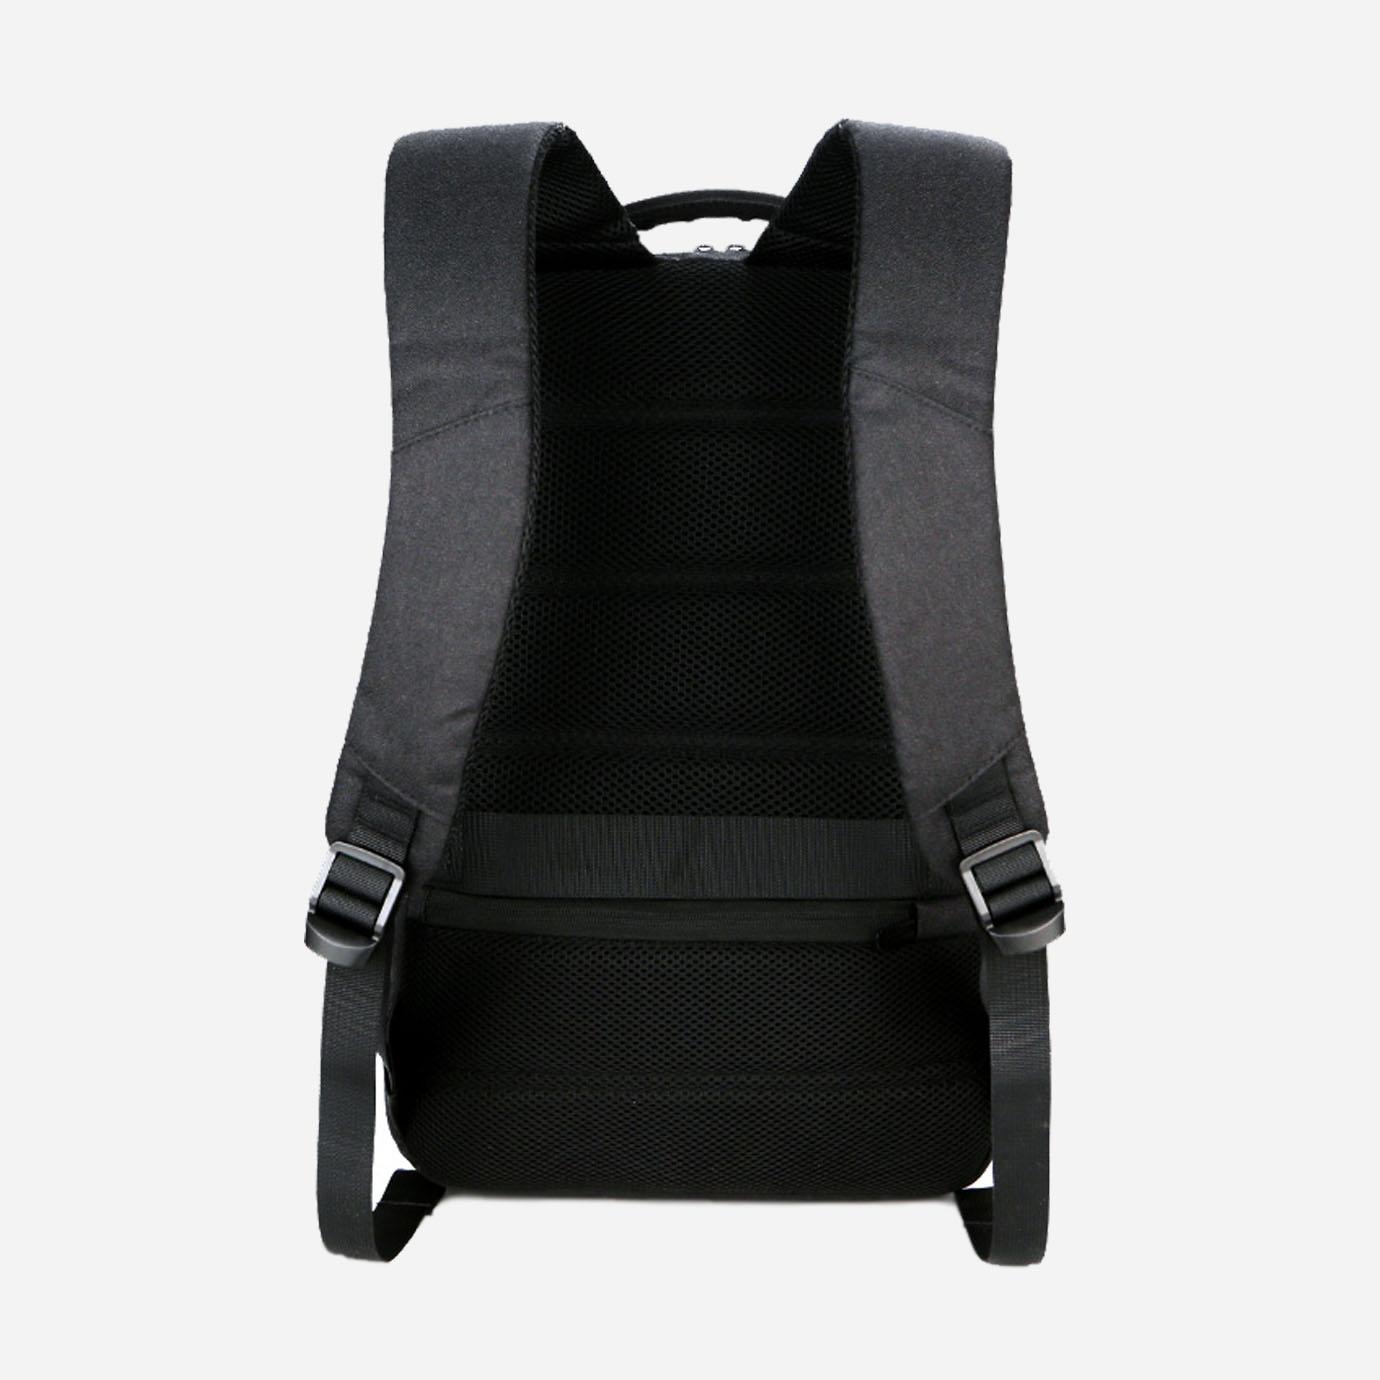 Nordace Bergen - Lightweight Daily Backpack